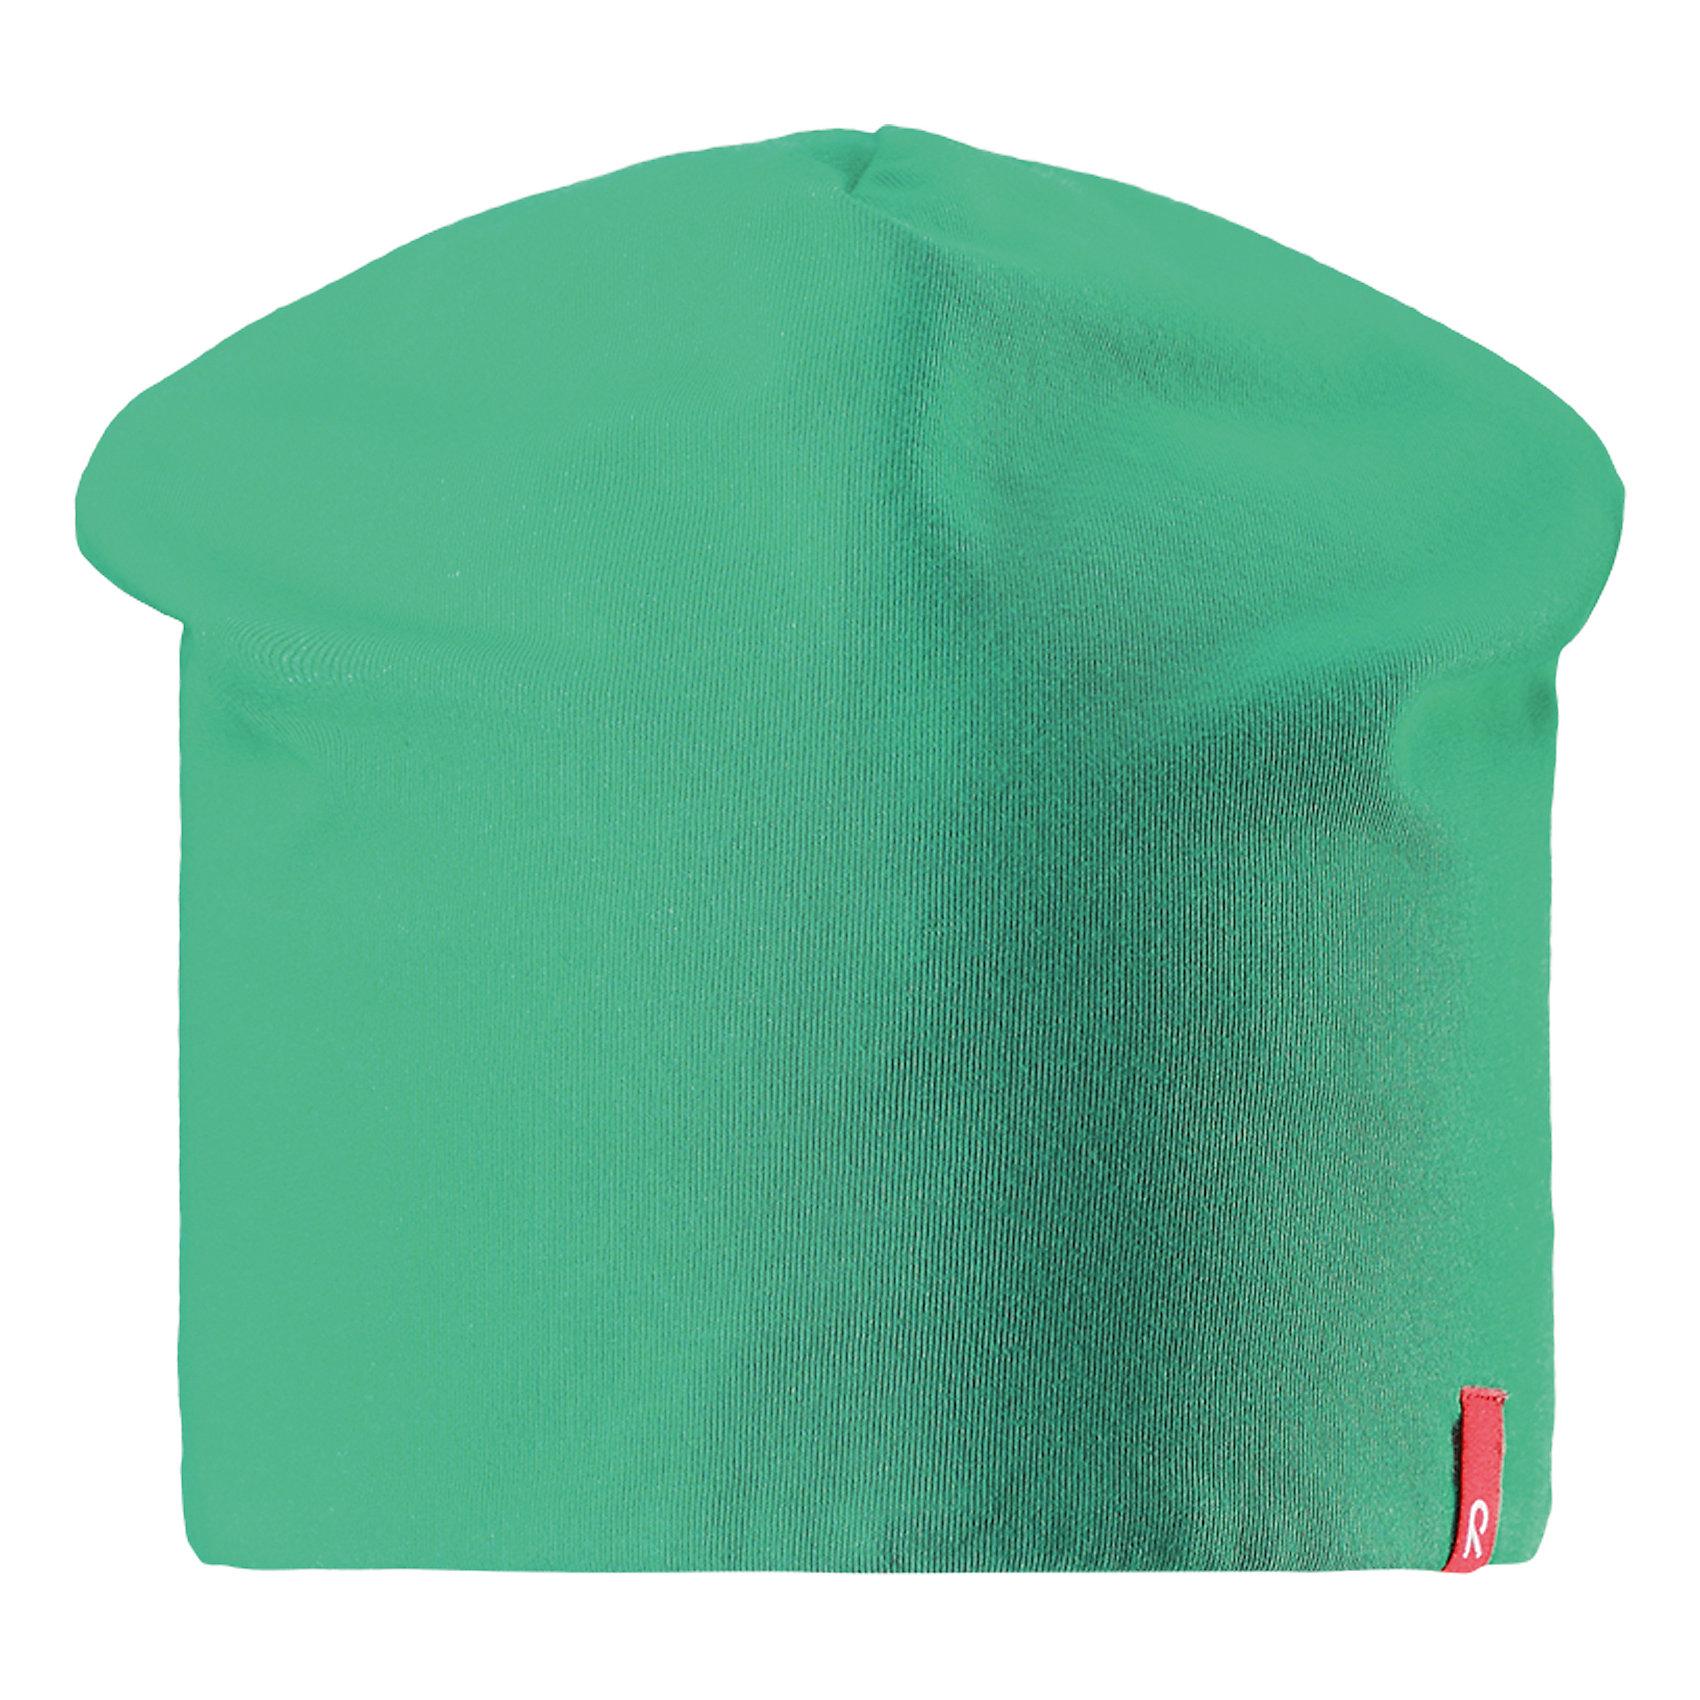 Шапка Lautta ReimaШапки и шарфы<br>Характеристики товара:<br><br>• цвет: зеленый/синий<br>• быстросохнущий материал<br>• состав: 65% хлопок, 30% полиэстер, 5% эластан<br>• эластичный материал<br>• двухсторонняя<br>• подкладка: отводящий влагу материал Play Jersey<br>• декоративный логотип<br>• фактор защиты от ультрафиолета: 40+<br>• комфортная посадка<br>• страна производства: Китай<br>• страна бренда: Финляндия<br>• коллекция: весна-лето 2017<br><br>Детский головной убор может быть модным и удобным одновременно! Стильная шапка поможет обеспечить ребенку комфорт и дополнить наряд. Она отлично смотрится с различной одеждой. Шапка удобно сидит и аккуратно выглядит. Проста в уходе, долго служит. Стильный дизайн разрабатывался специально для детей. Отличная защита от солнца!<br><br>Одежда и обувь от финского бренда Reima пользуется популярностью во многих странах. Эти изделия стильные, качественные и удобные. Для производства продукции используются только безопасные, проверенные материалы и фурнитура. Порадуйте ребенка модными и красивыми вещами от Reima! <br><br>Шапку от финского бренда Reima (Рейма) можно купить в нашем интернет-магазине.<br><br>Ширина мм: 89<br>Глубина мм: 117<br>Высота мм: 44<br>Вес г: 155<br>Цвет: зеленый<br>Возраст от месяцев: 48<br>Возраст до месяцев: 84<br>Пол: Унисекс<br>Возраст: Детский<br>Размер: 54,50<br>SKU: 5267925